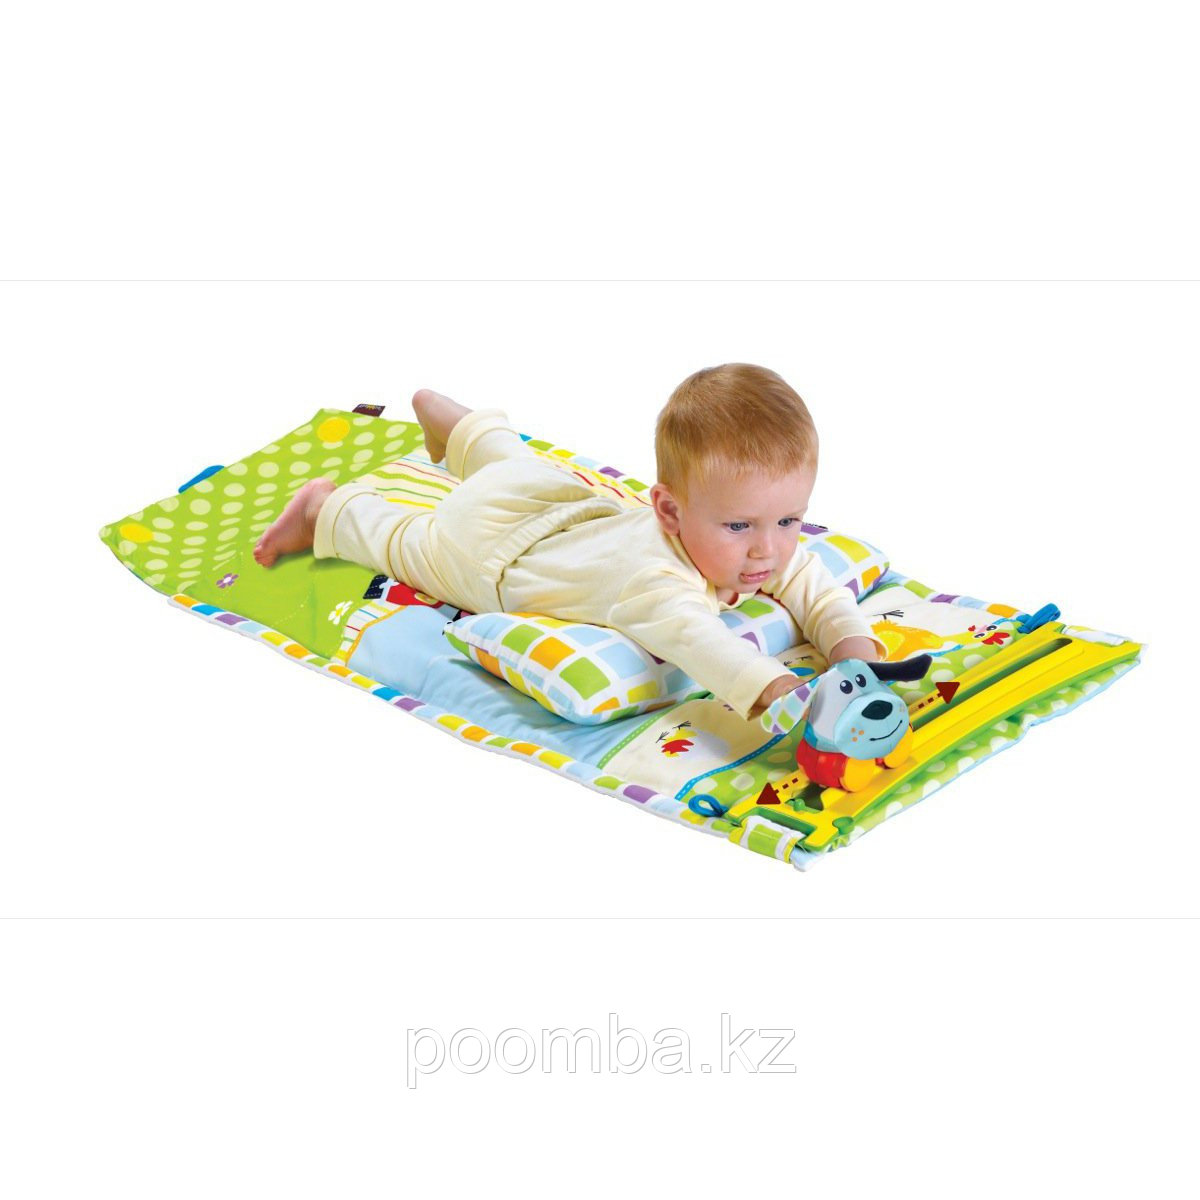 Развивающий коврик Маленький Спортсмен Yookidoo